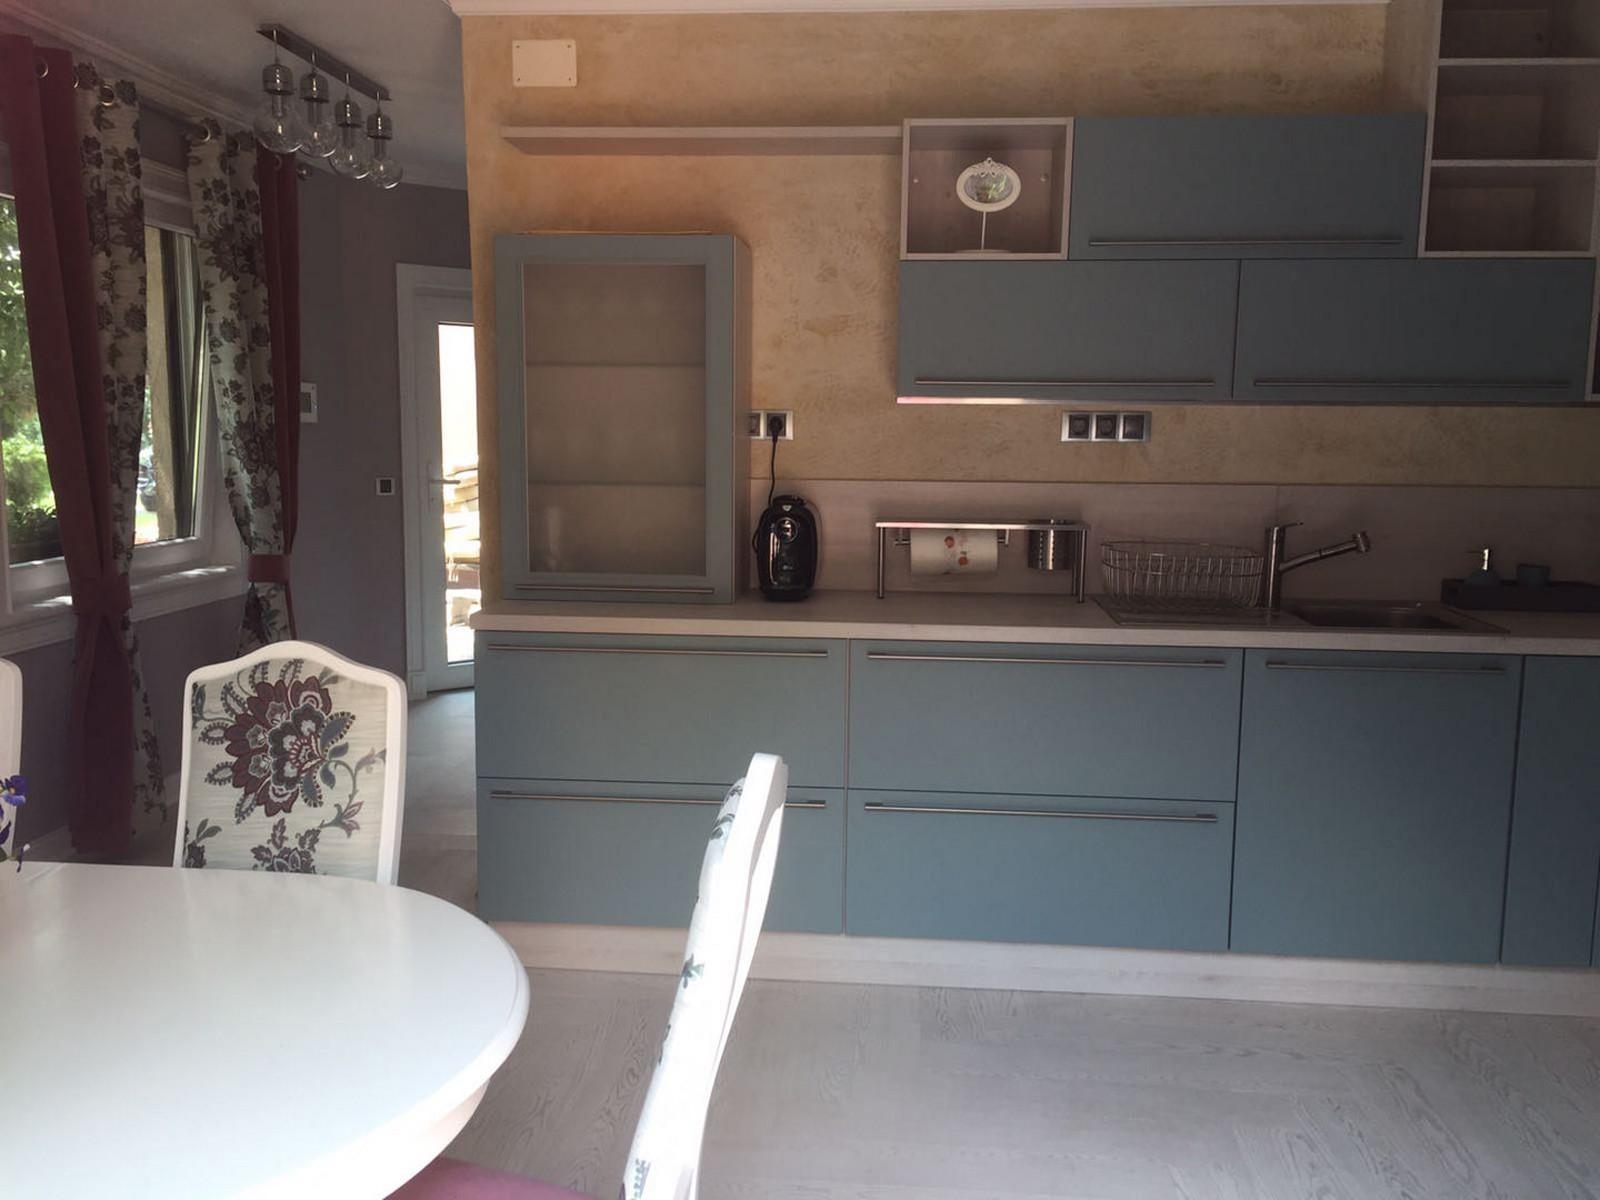 Referință - Bucătărie modernă Nobilia Touch - Apă Albastră / Brad Montana